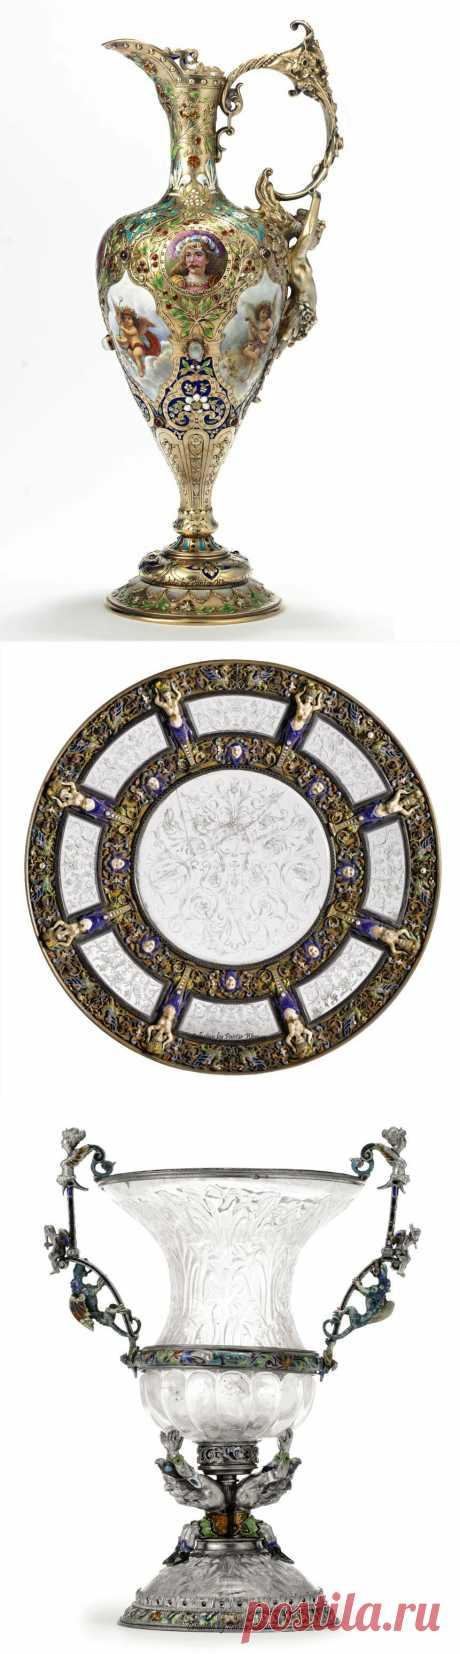 в коллекцию...Венская эмаль и серебро,конец XVIII - начало XIX столетия.